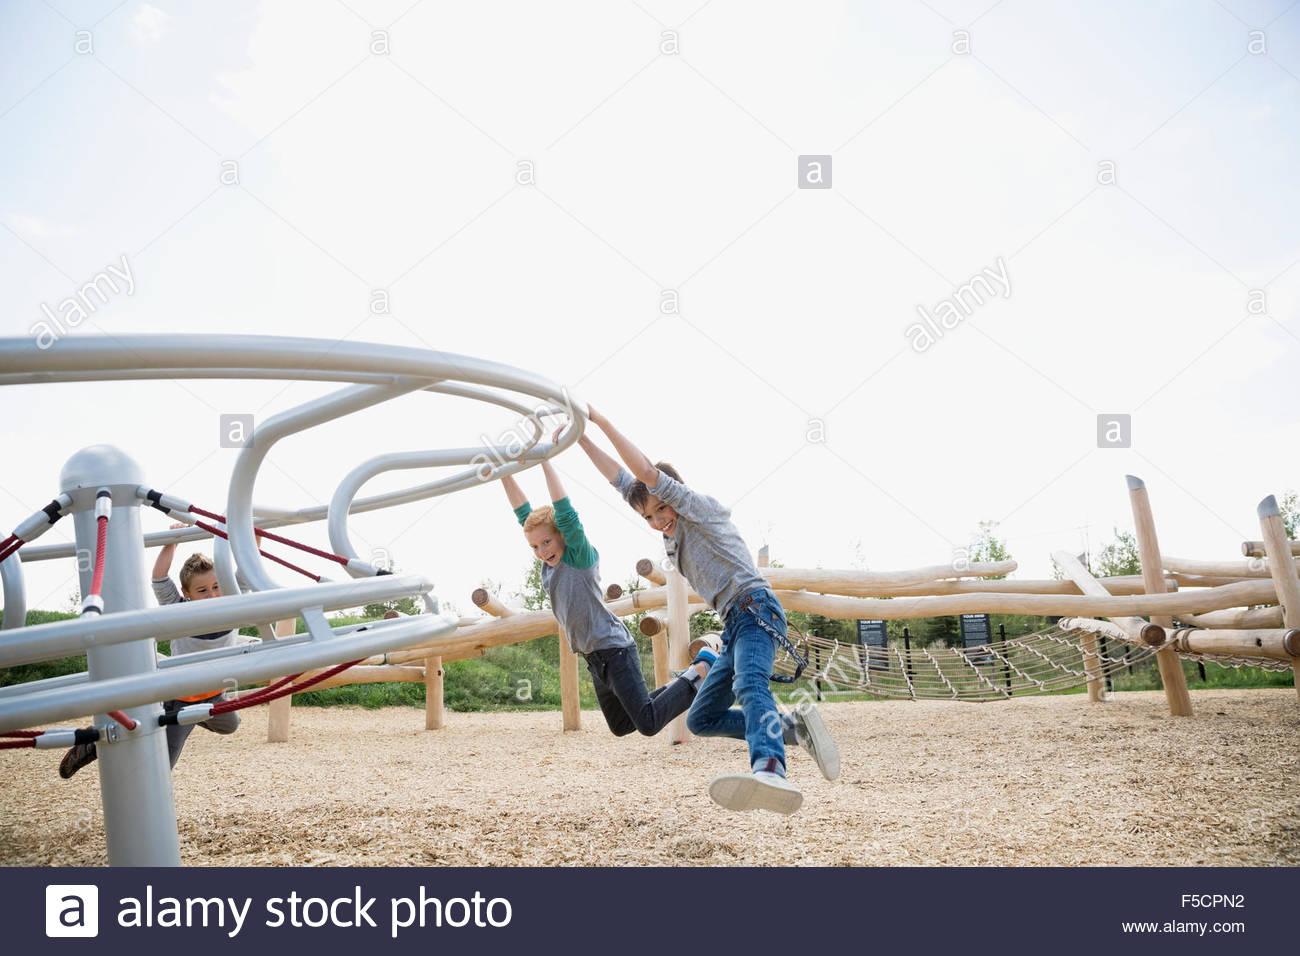 Los niños colgando de barra giratoria en el soleado patio Imagen De Stock